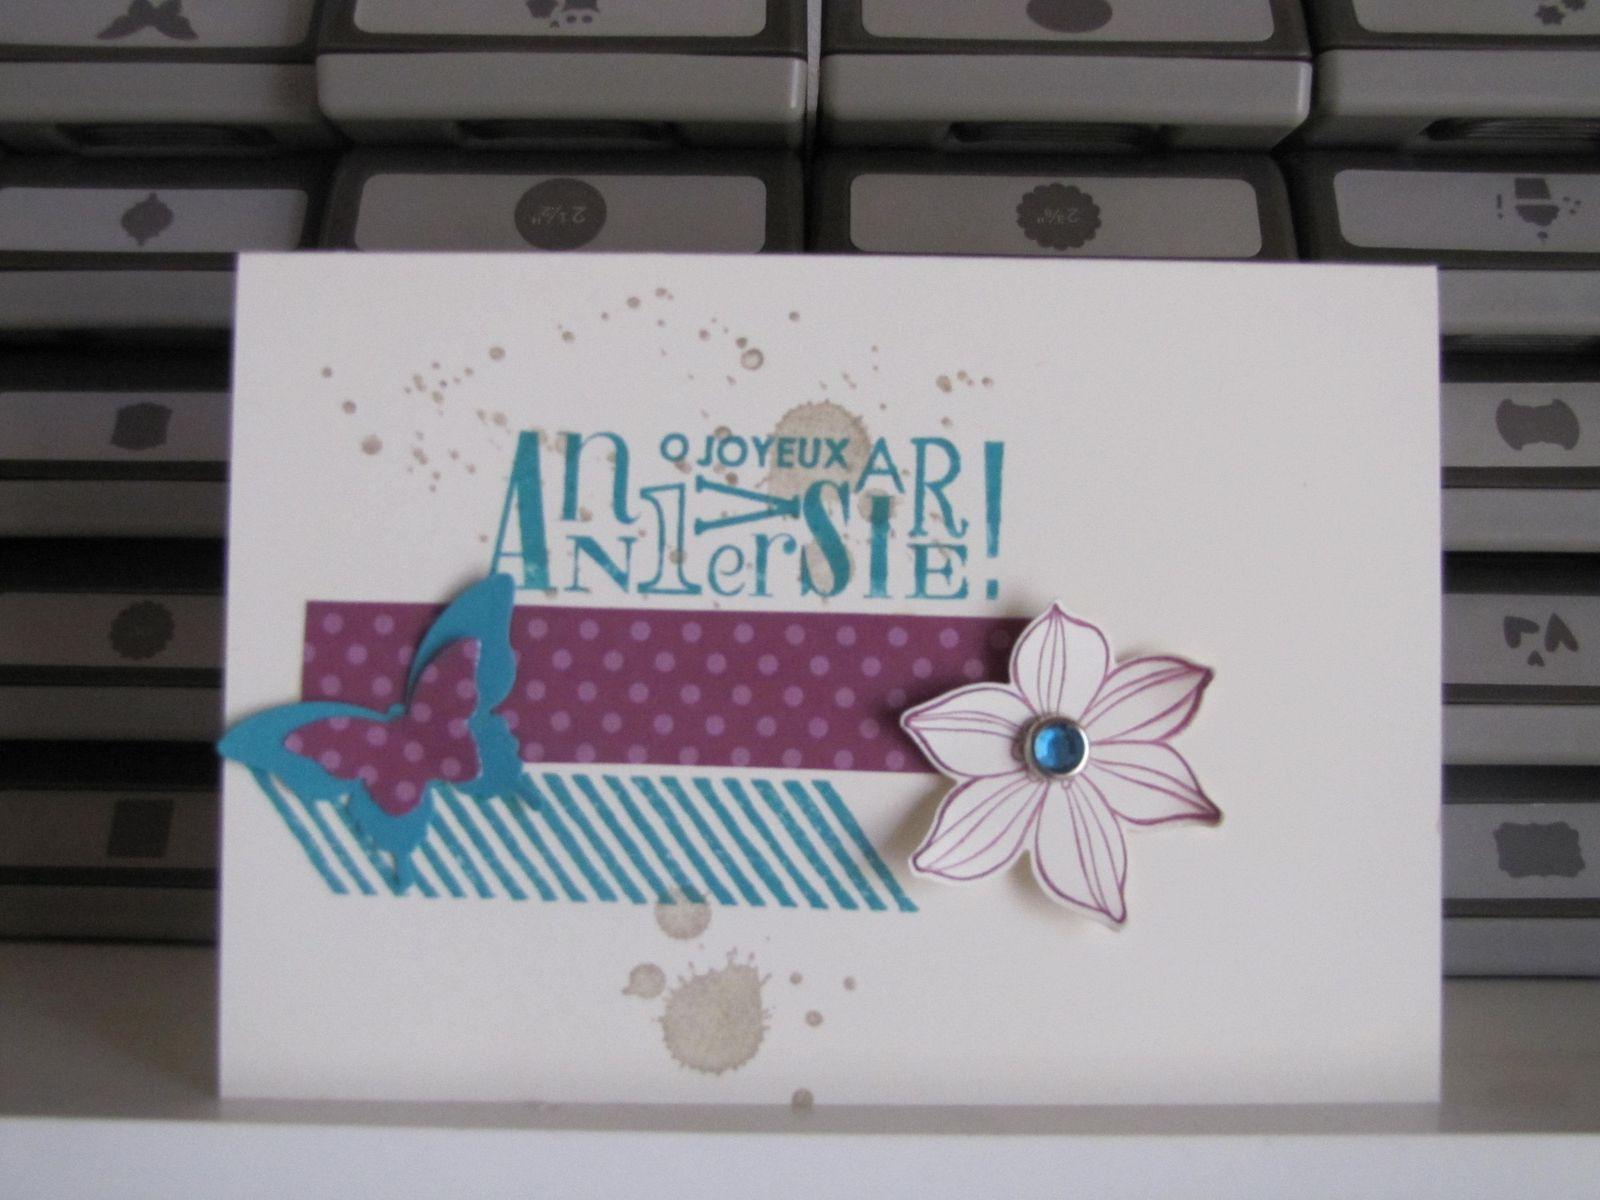 D'autres papillons sur des cartes d'anniversaire